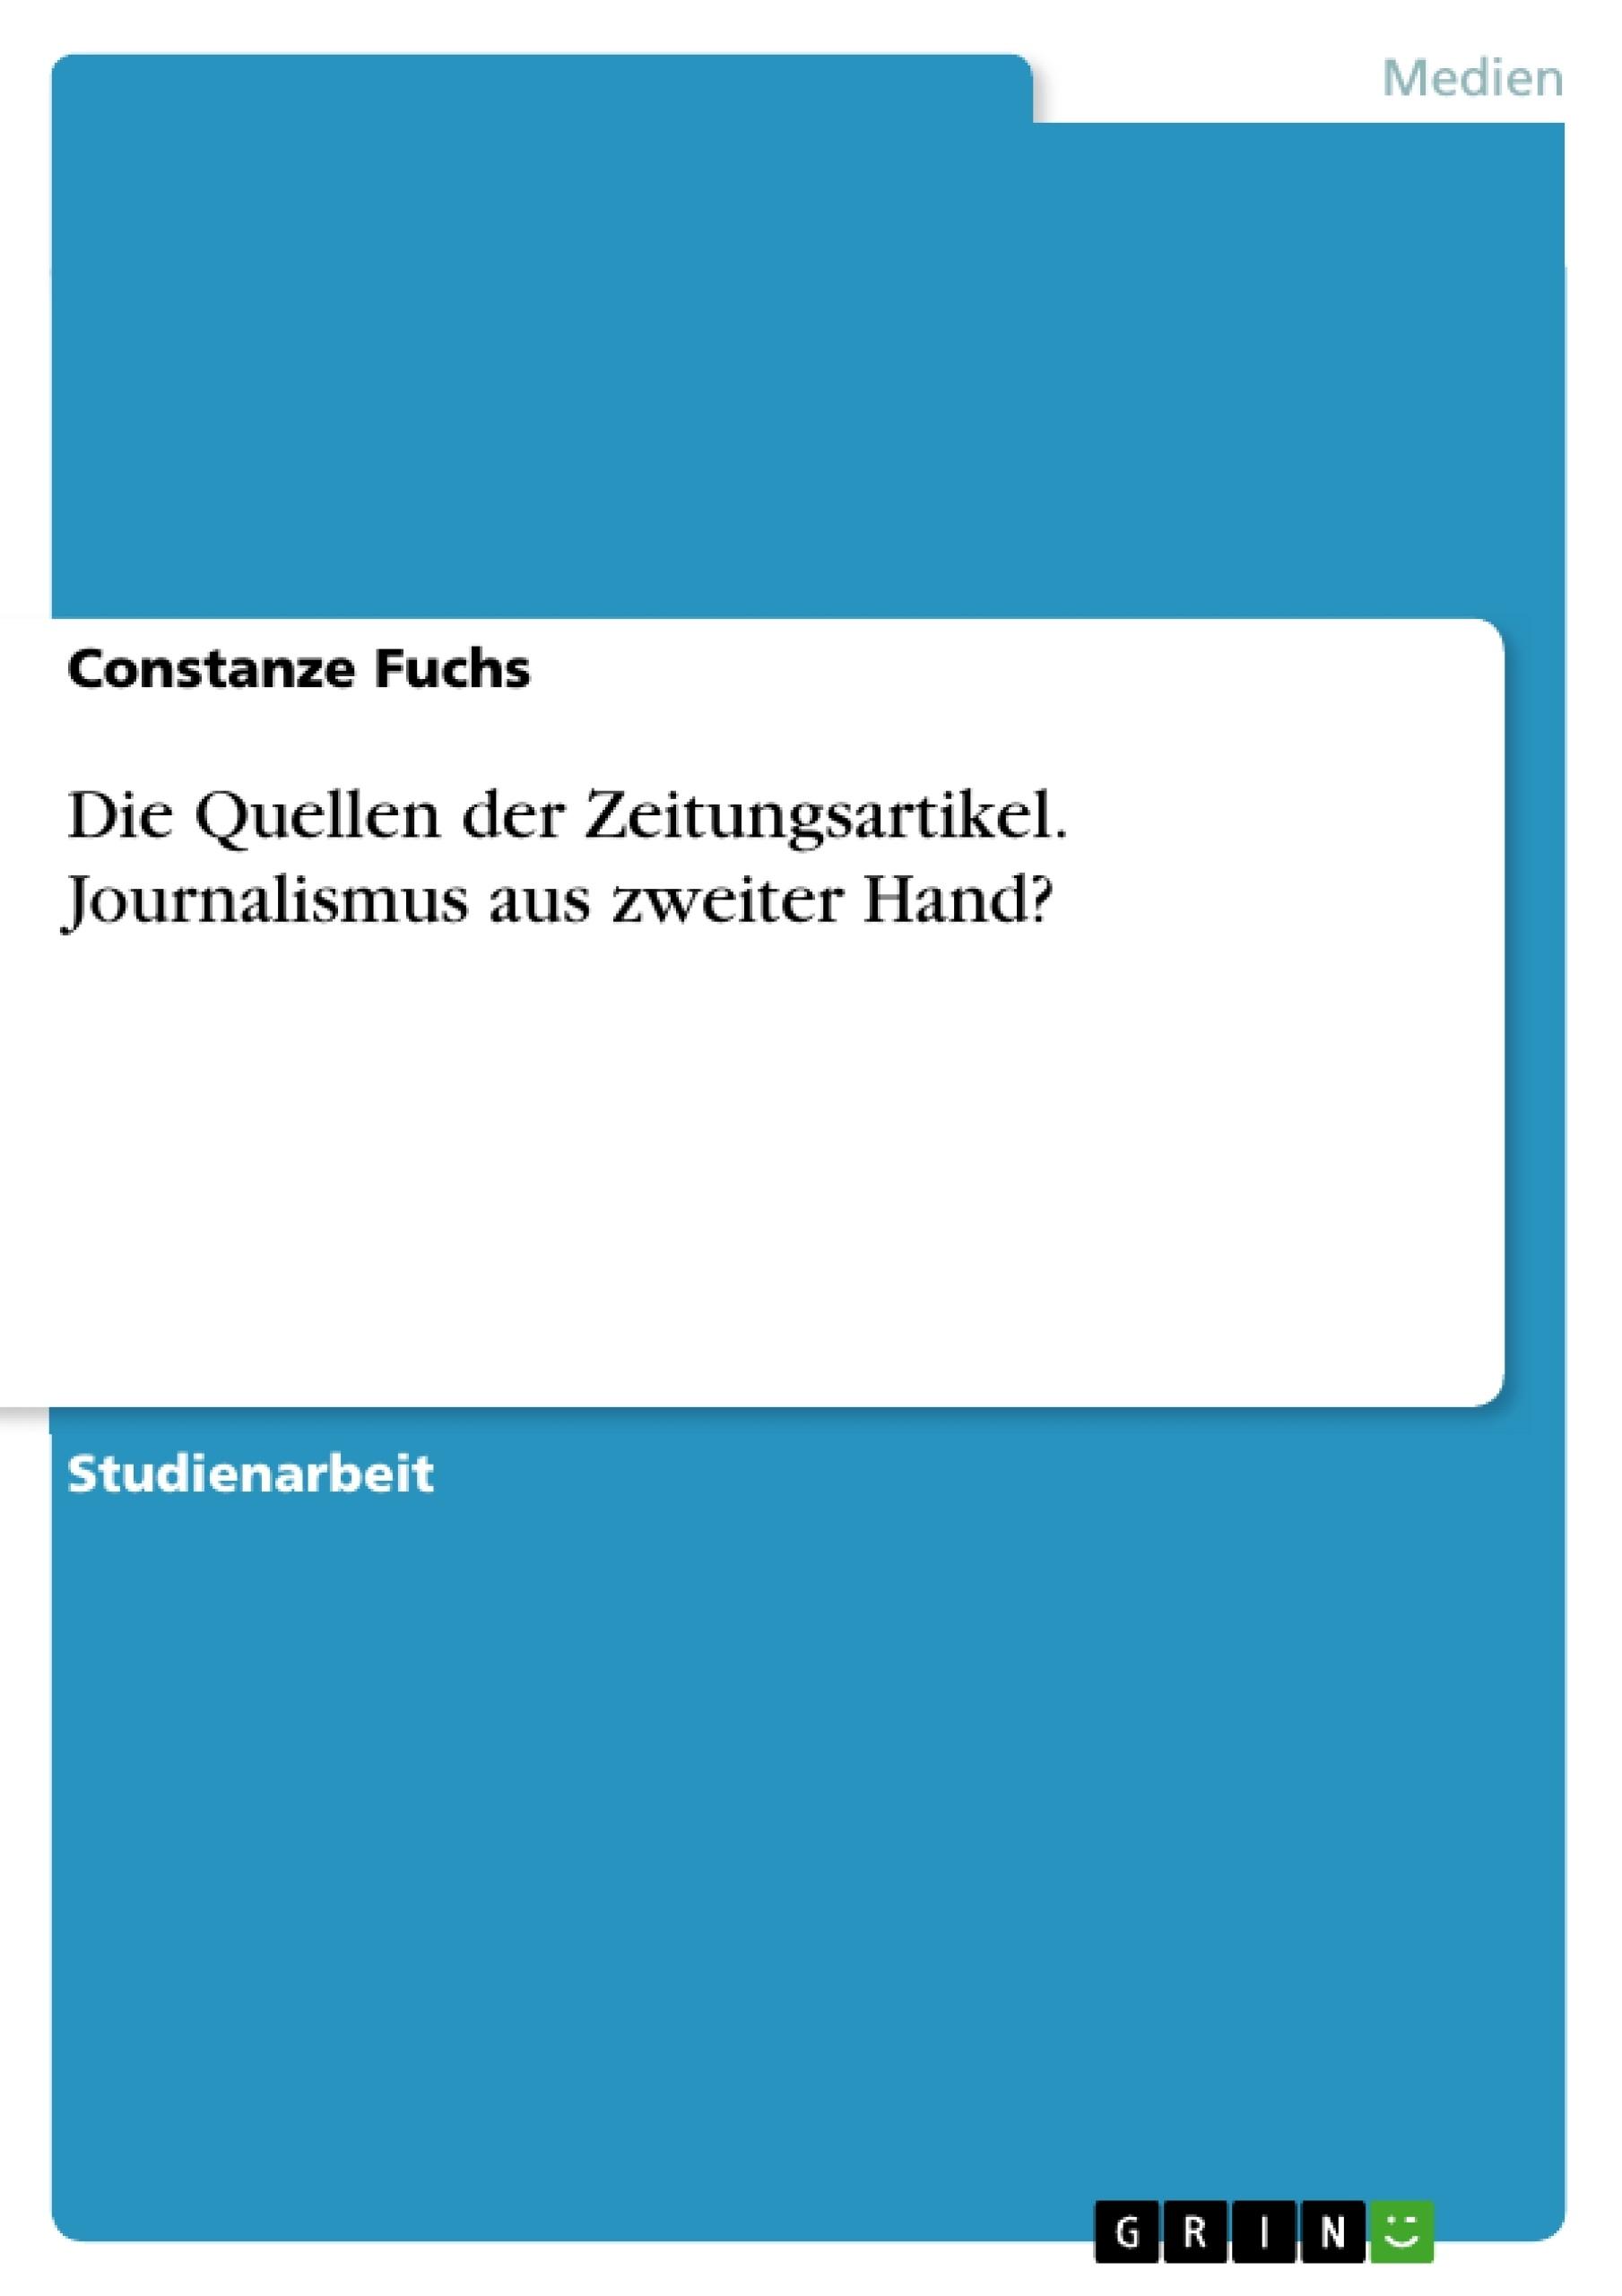 Titel: Die Quellen der Zeitungsartikel. Journalismus aus zweiter Hand?